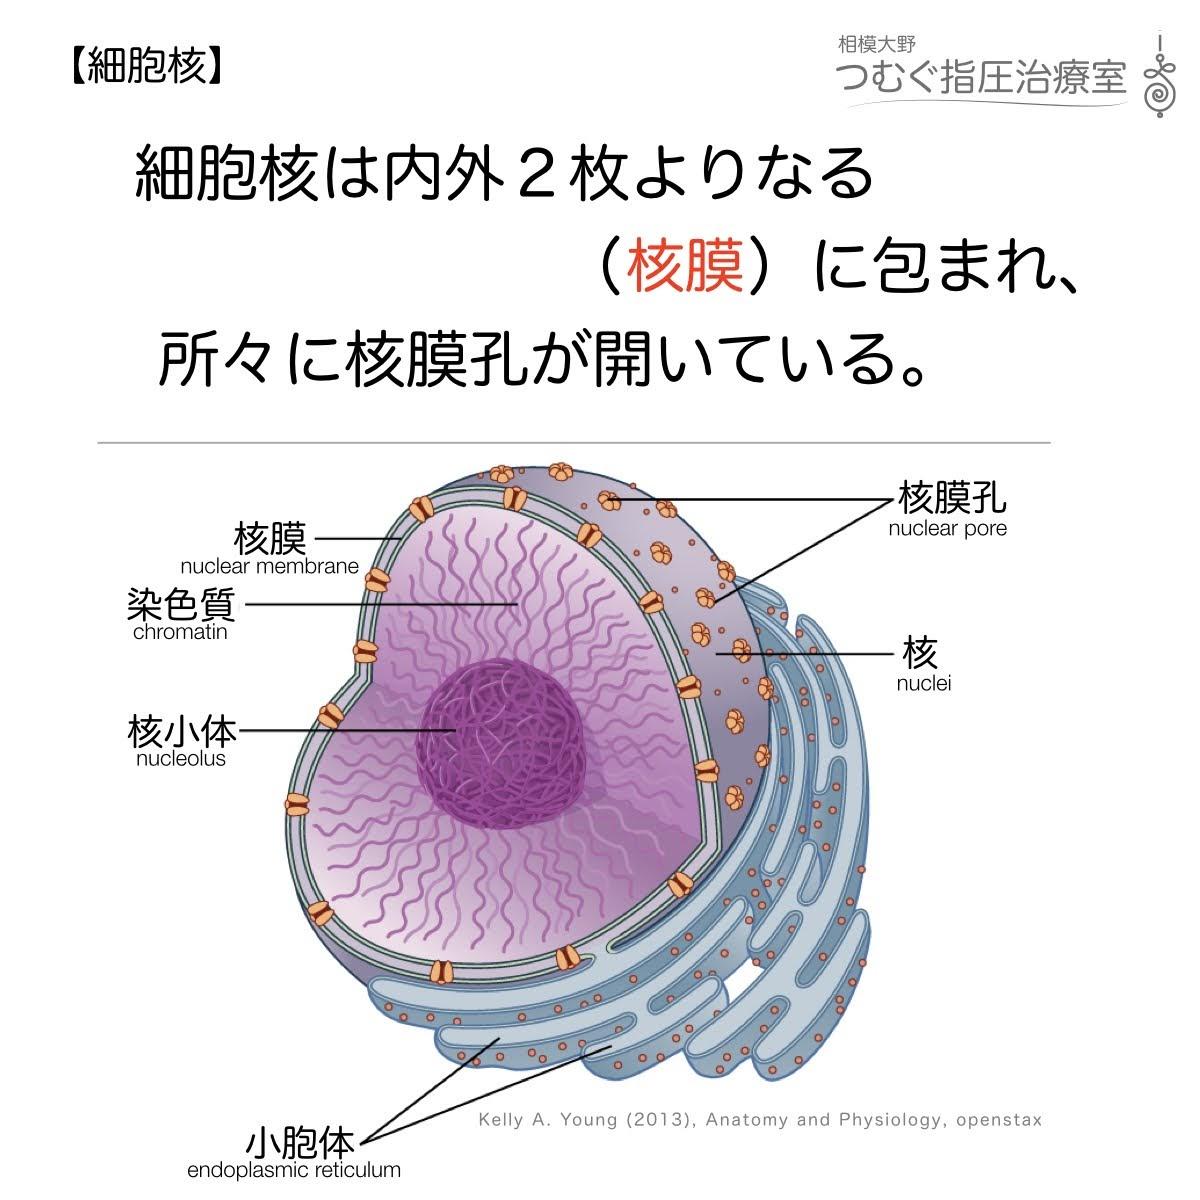 細胞核は内外2枚よりなる細胞核につつまれ、所々に核膜孔が開いている